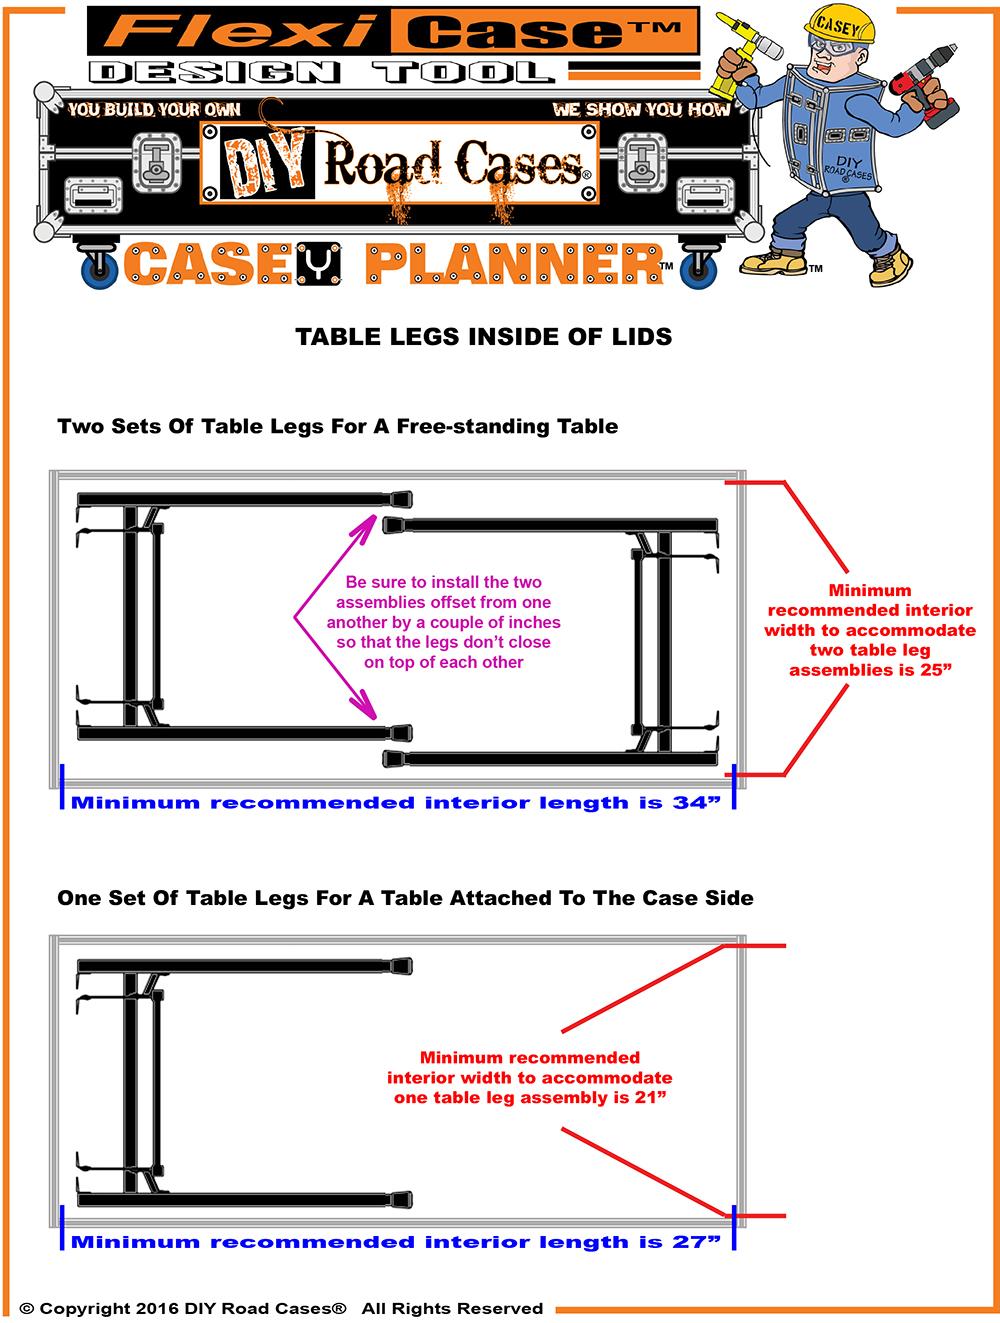 table-legs-inside-lids-jpeg-for-store.jpg